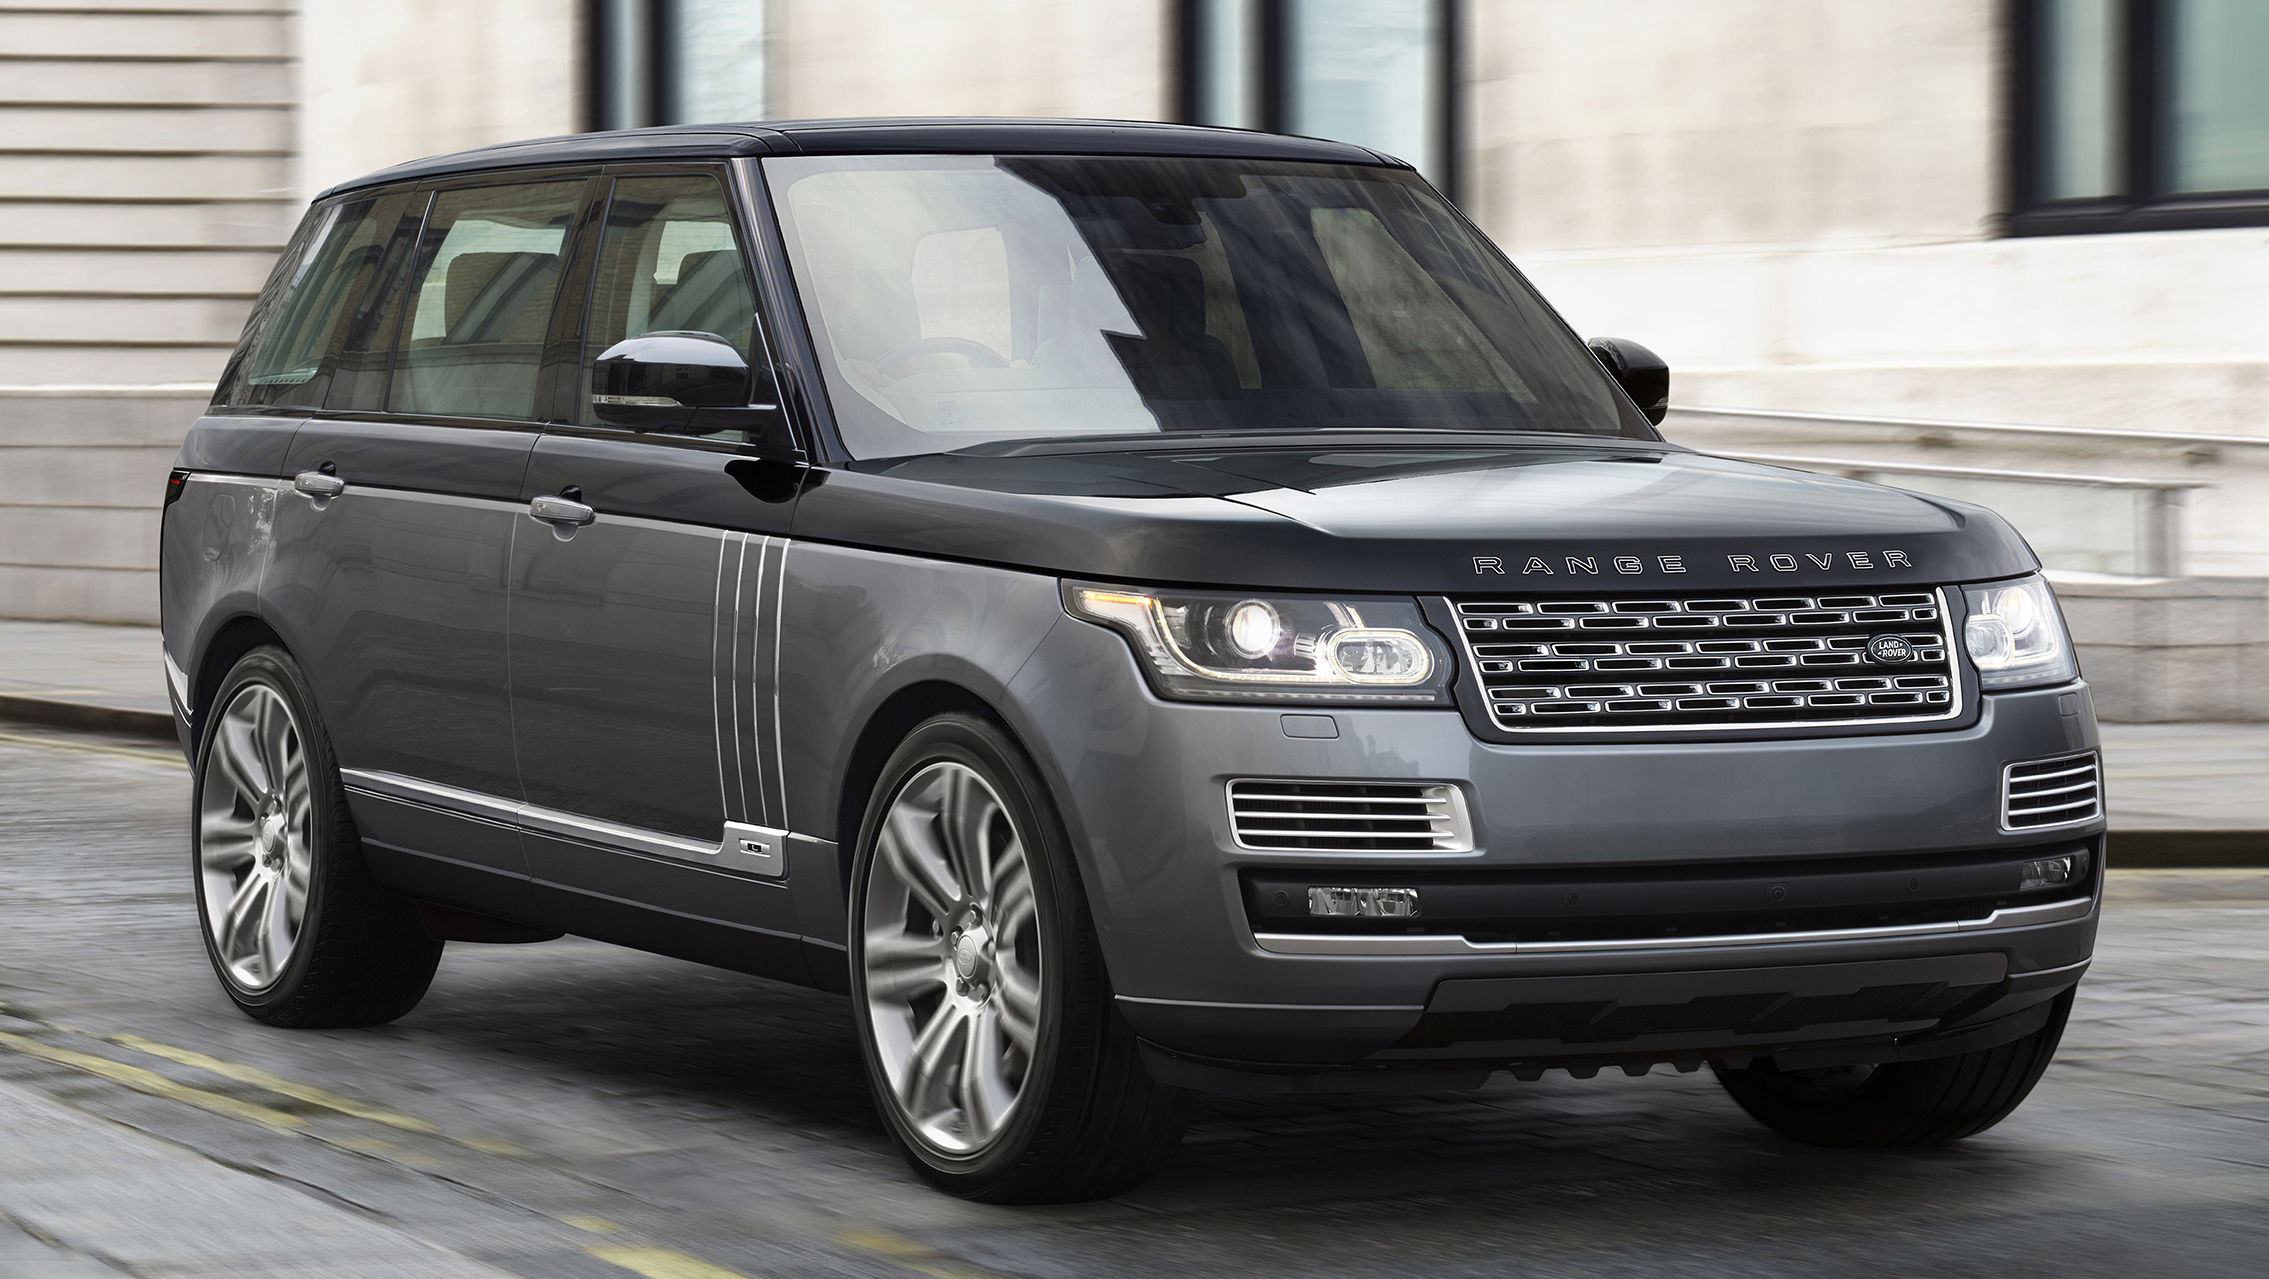 Výsledek obrázku pro Range Rover SVAutobiography